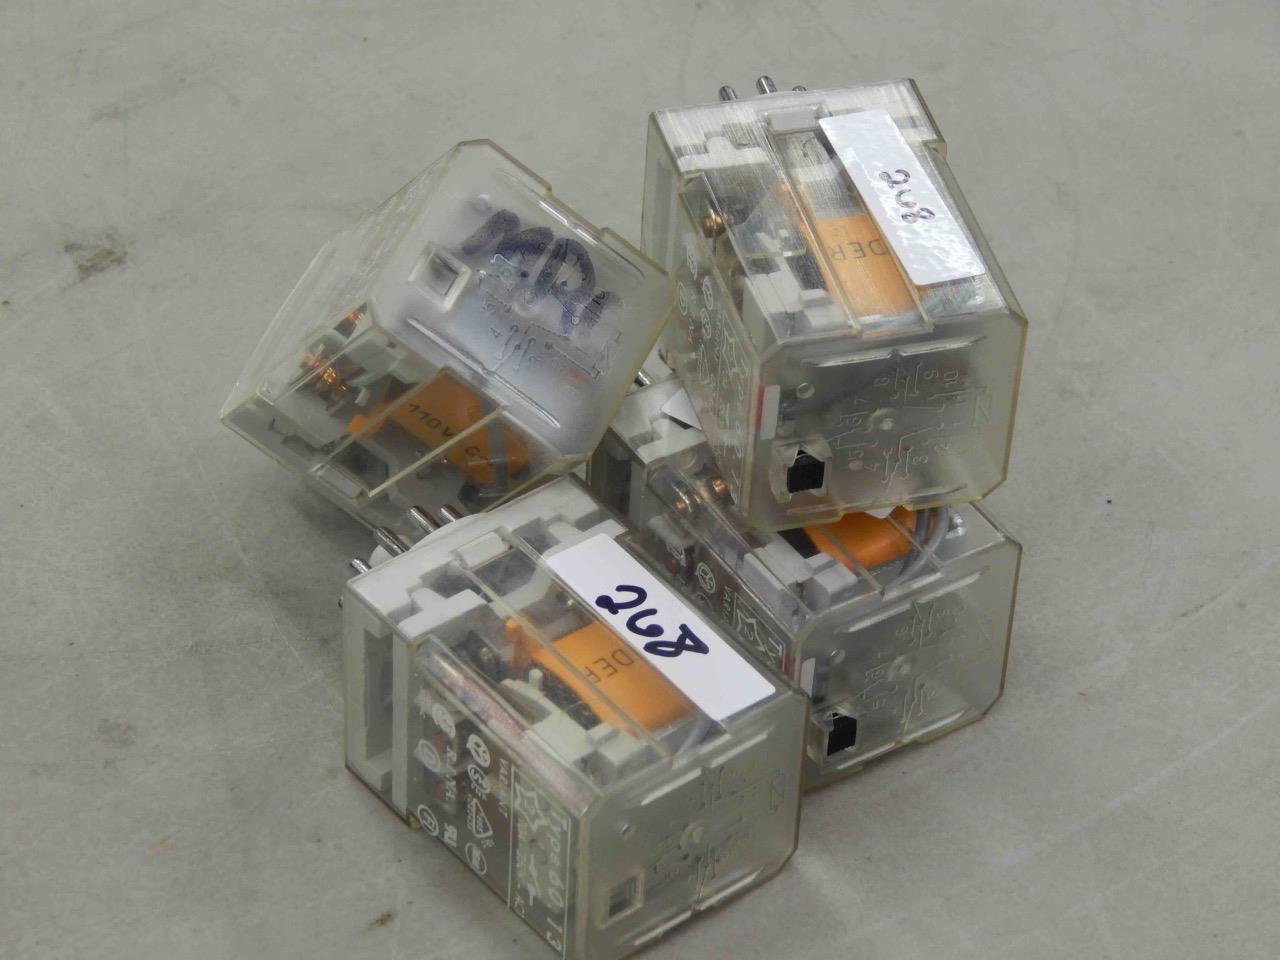 Modul2 Material C45 ETZR-M2-28 Zähnezahl 28 Zahnrad Mold2